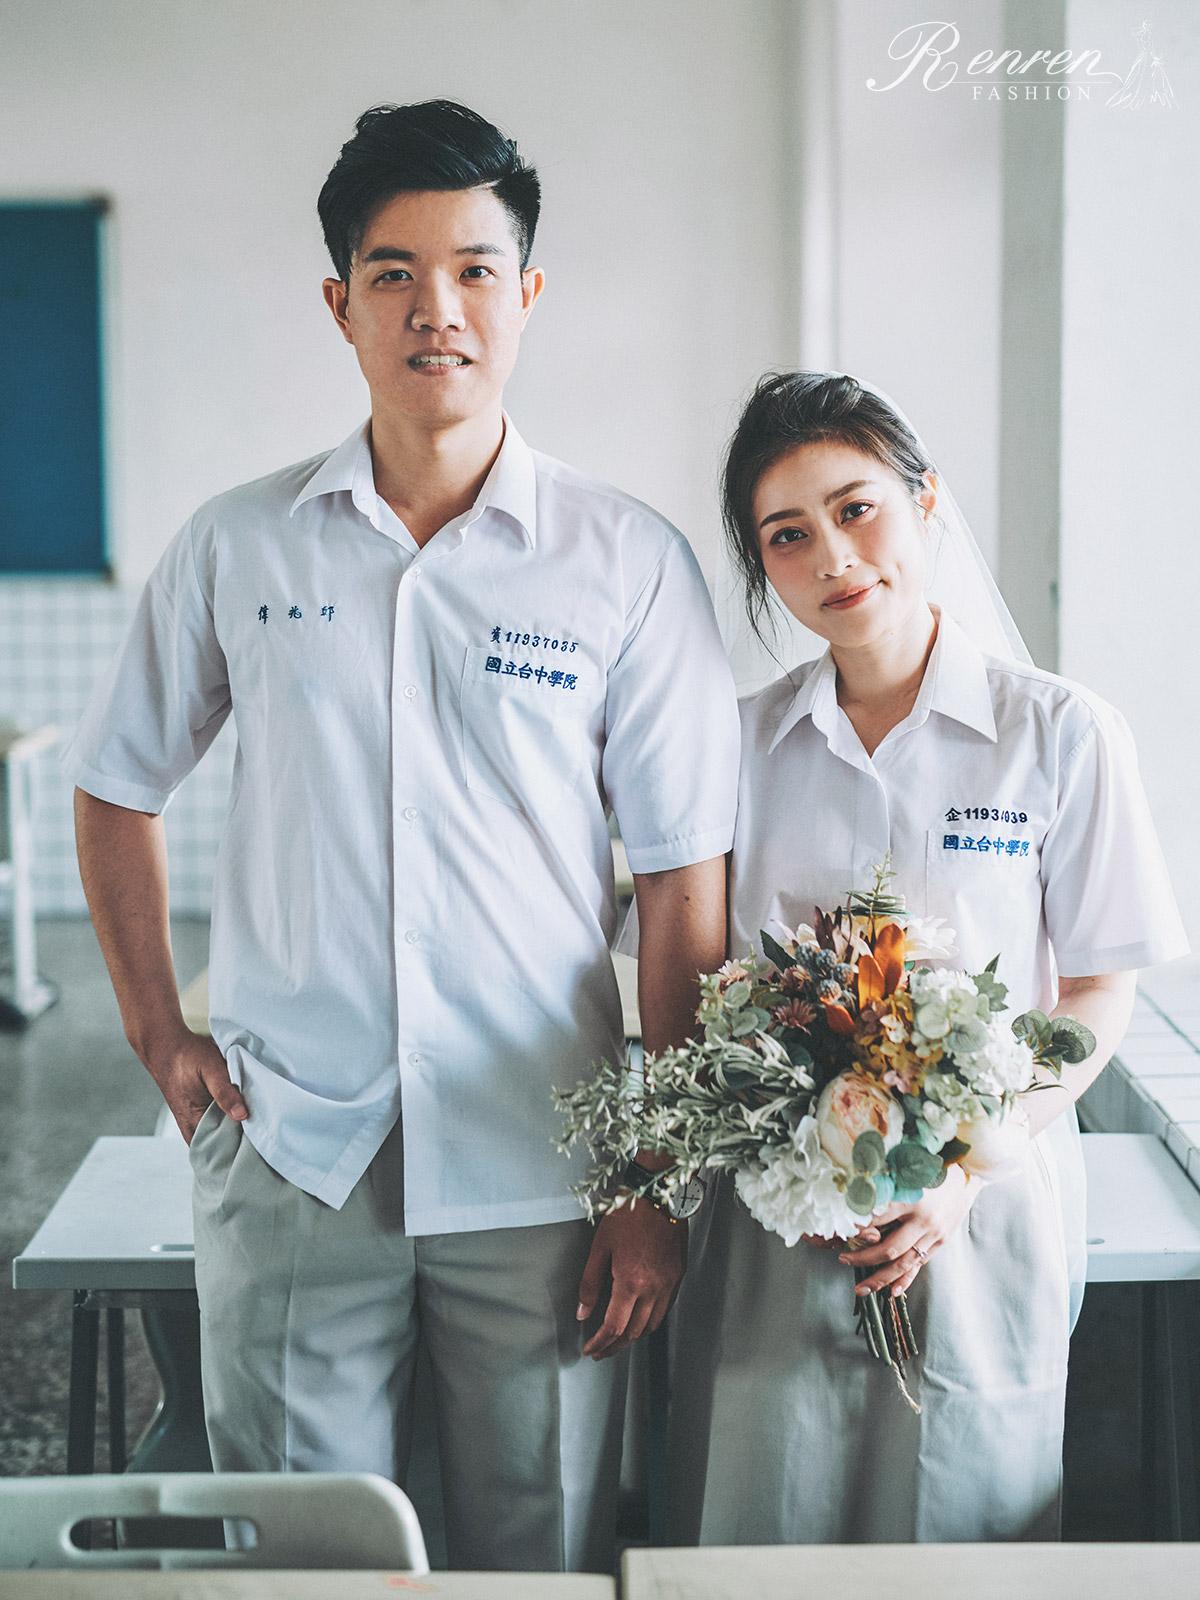 婚紗道具-校服-制服-拍婚紗